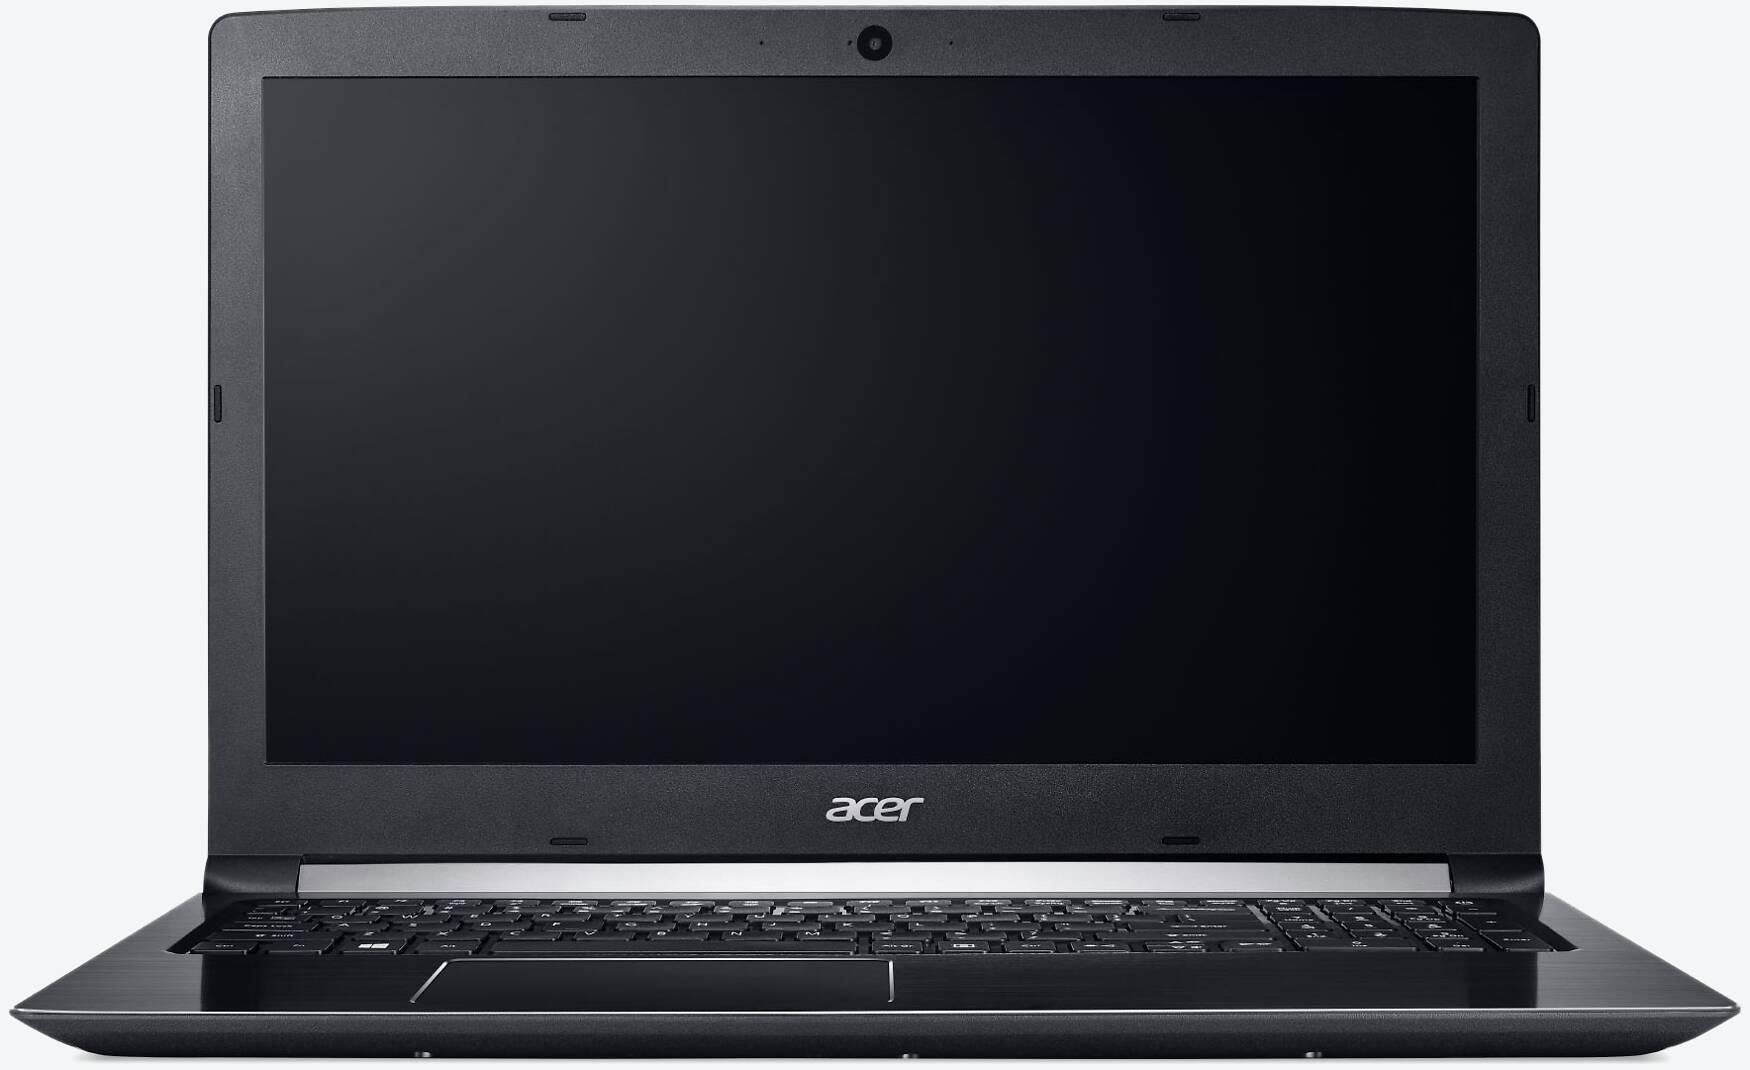 Acer Aspire 5 A517-51G-55P7